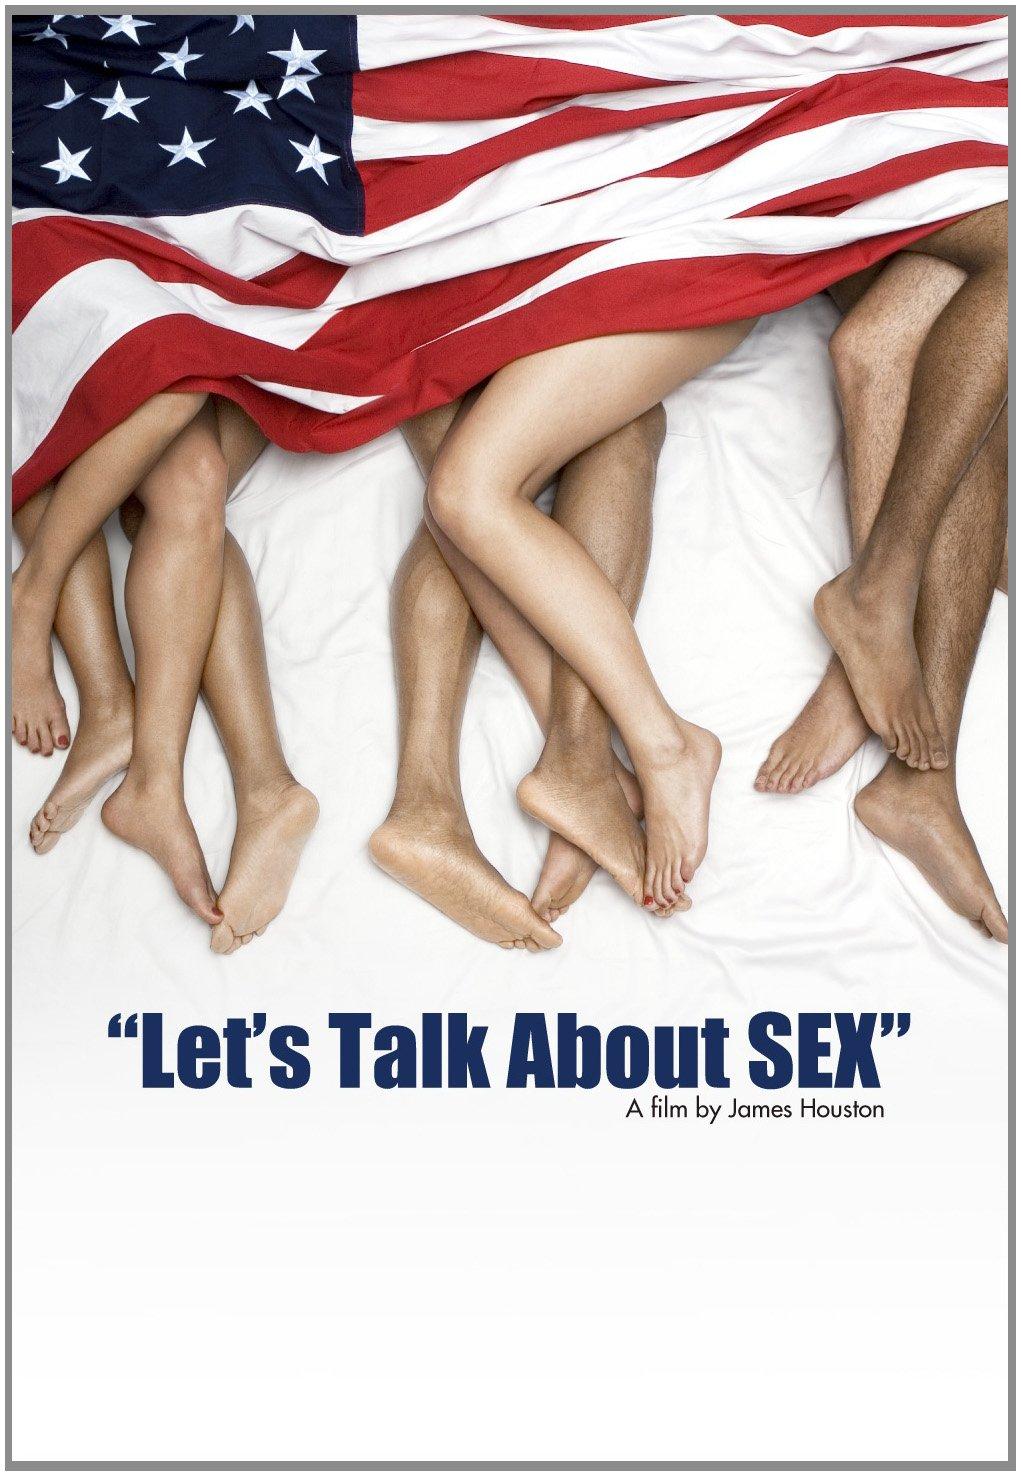 Tlc lets talk about sex